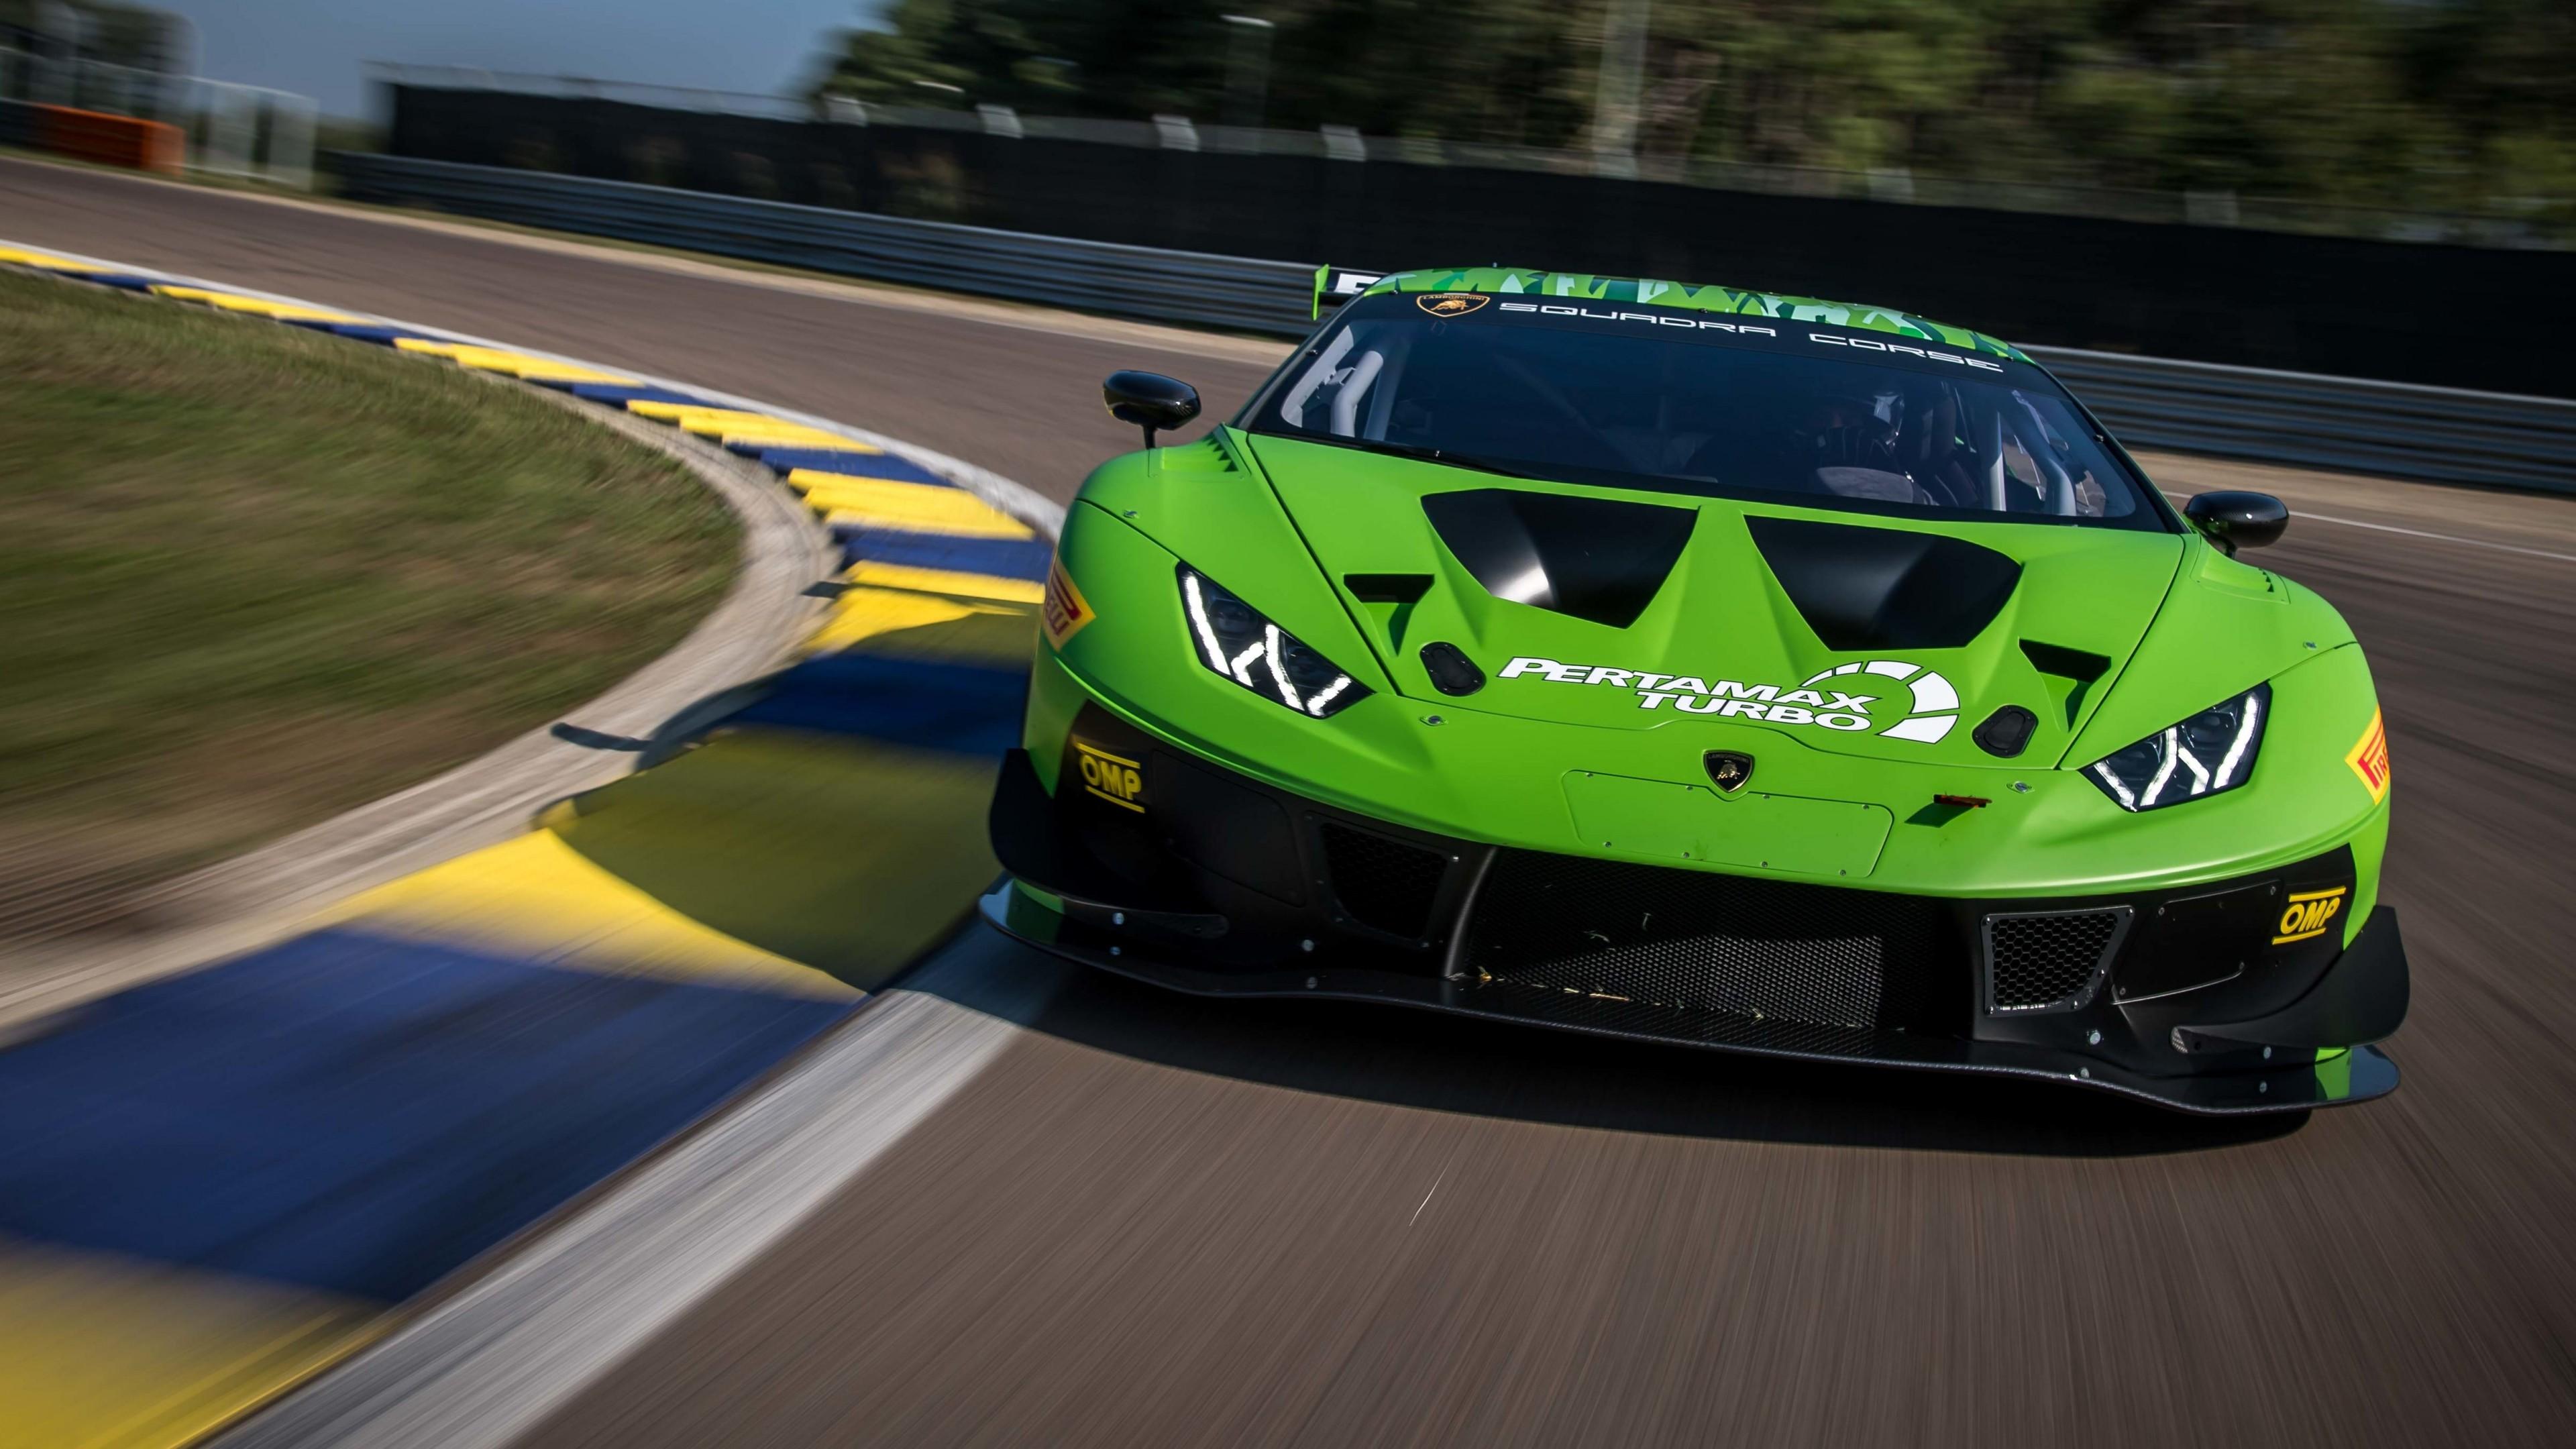 Wallpaper Lamborghini Huracan Gt3 Evo 2019 Cars 4k Cars